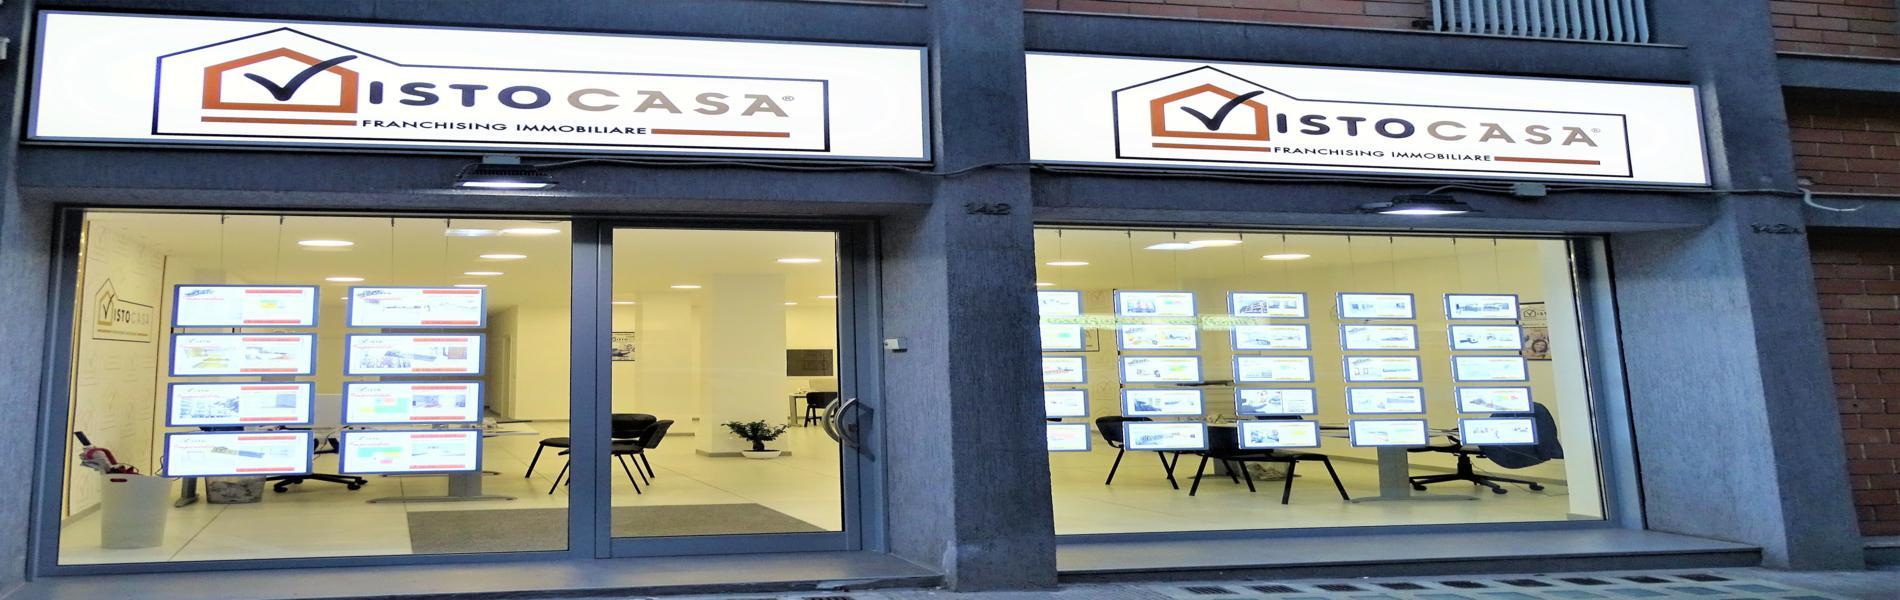 Agenzia Corso Immobiliare Bisceglie vistocasa - franchising immobiliare - agenzia di